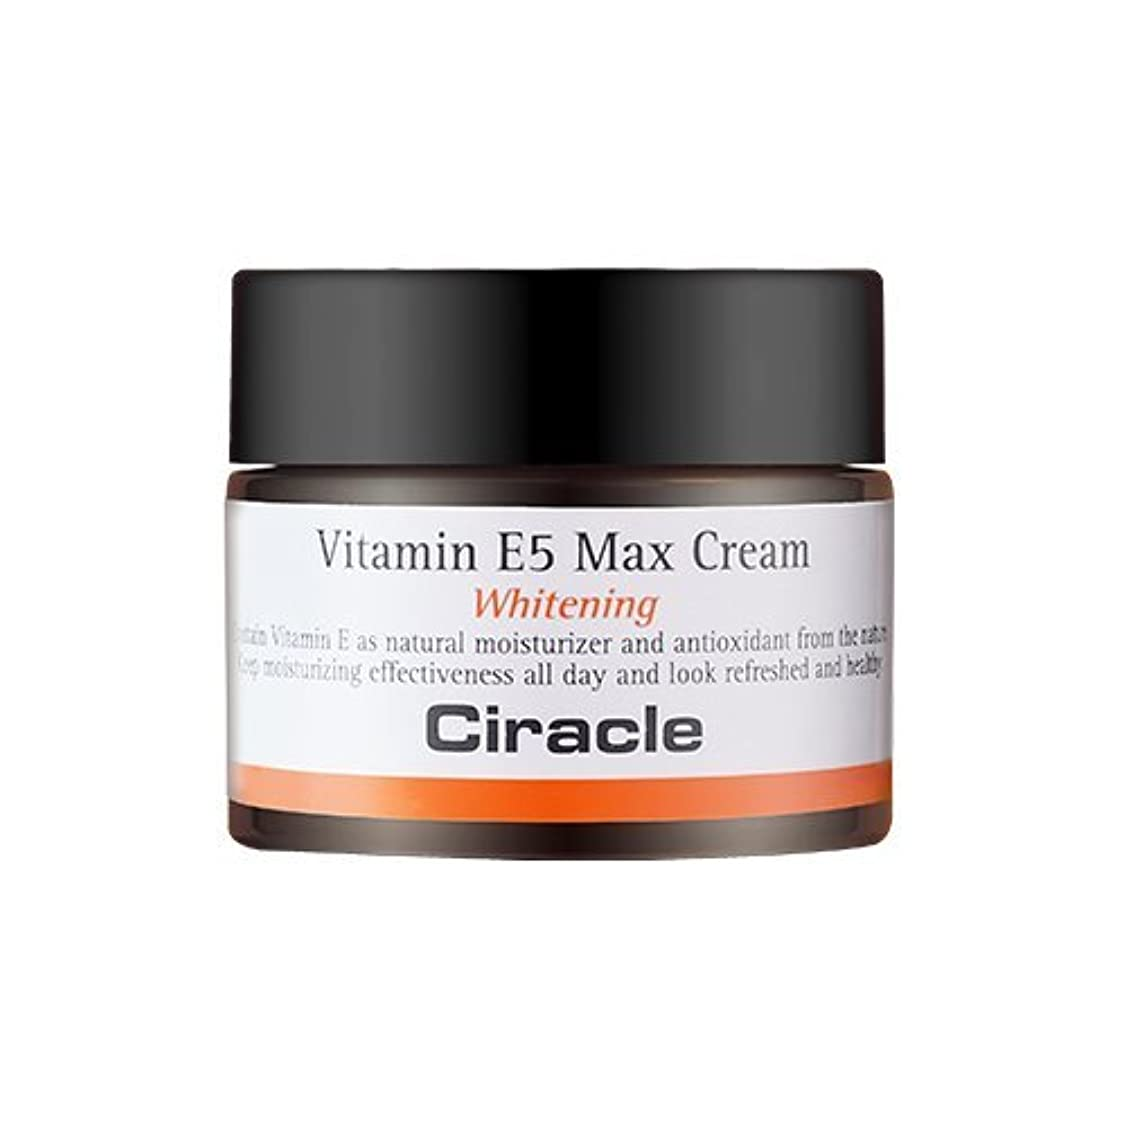 ルールブリード正統派Ciracle Vitamin E5 Max Cream シラクル ビタミンE5 マックス クリーム 50ml [並行輸入品]